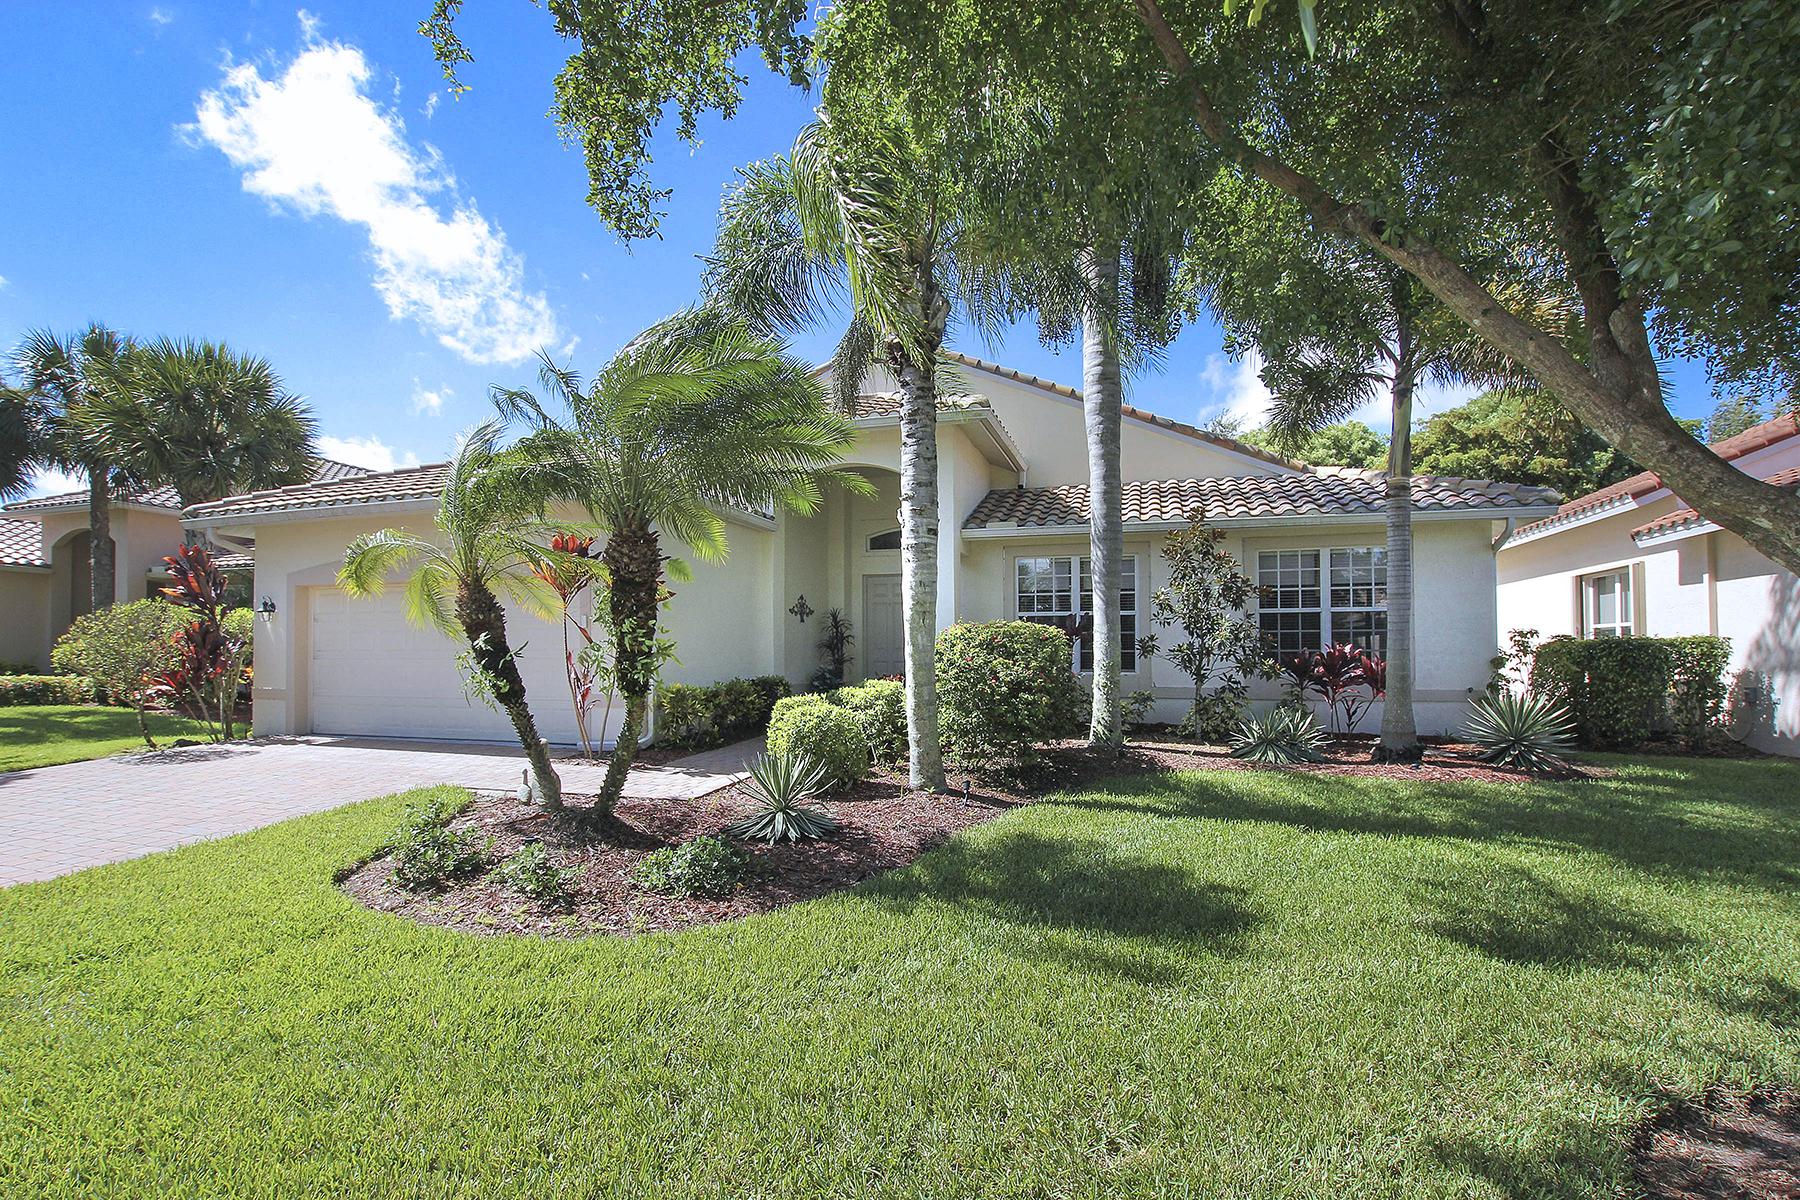 Casa Unifamiliar por un Venta en ESTERO 20438 Foxworth Cir Estero, Florida, 33928 Estados Unidos